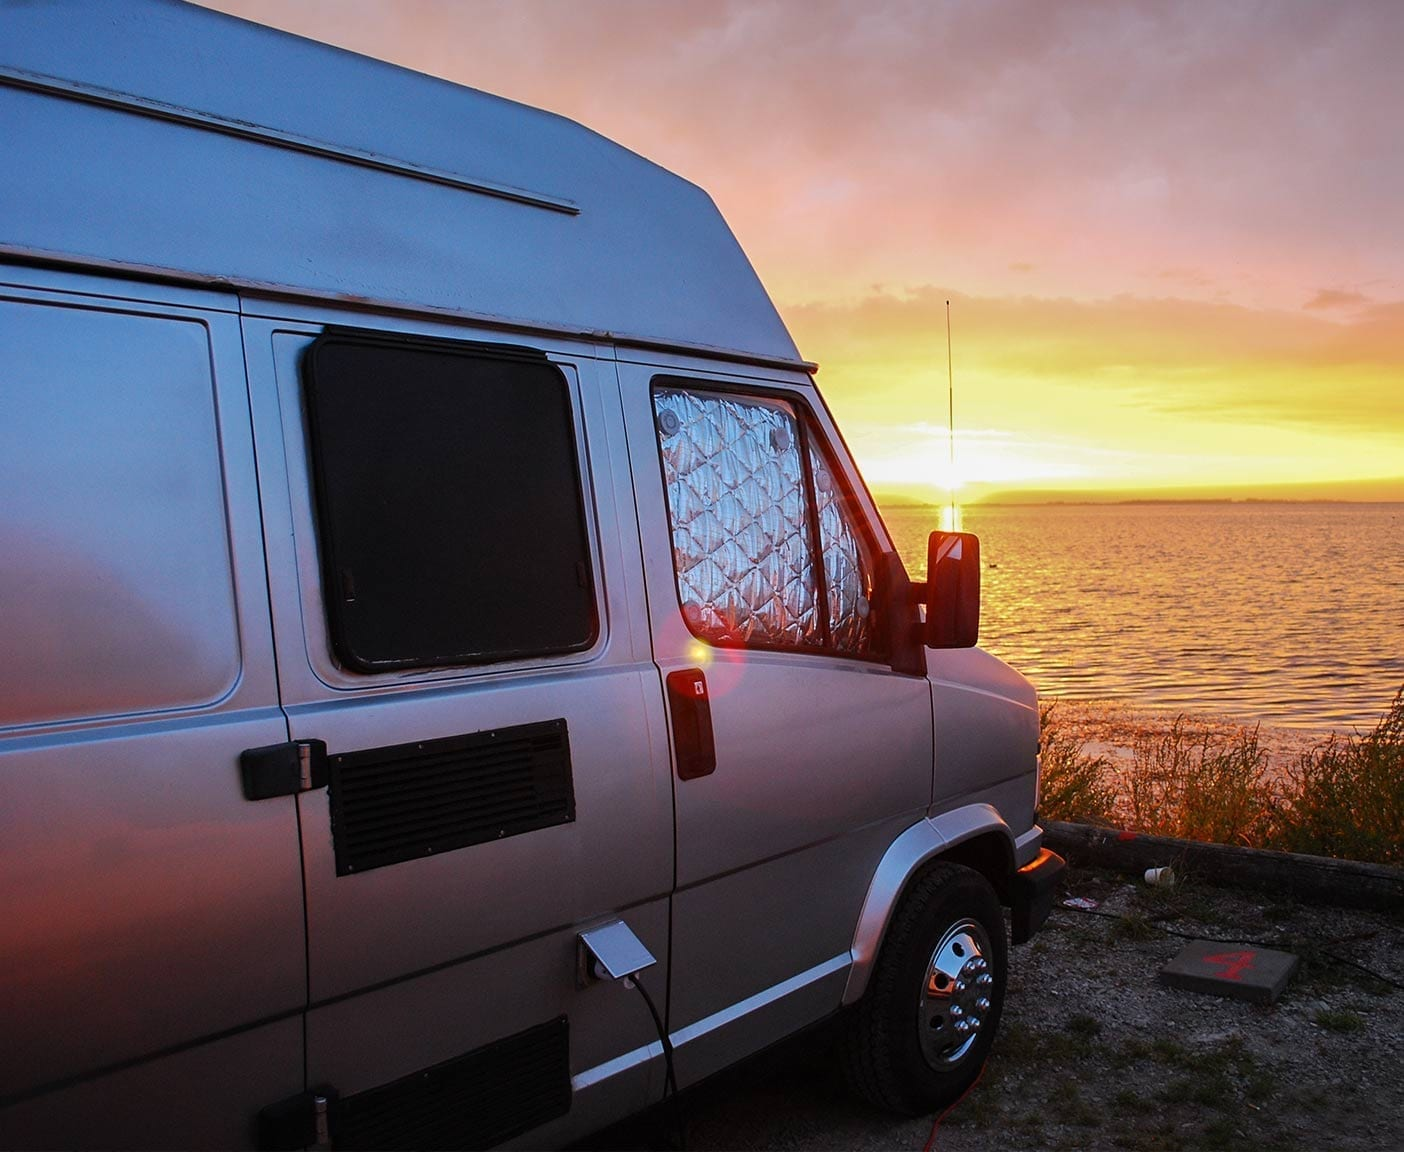 fiat-ducato-290-wohnmobil-kastenwagen-forum-camper-ausbau-ersatzteile-pössl-vanlife-passport-diary-reiseblog-6